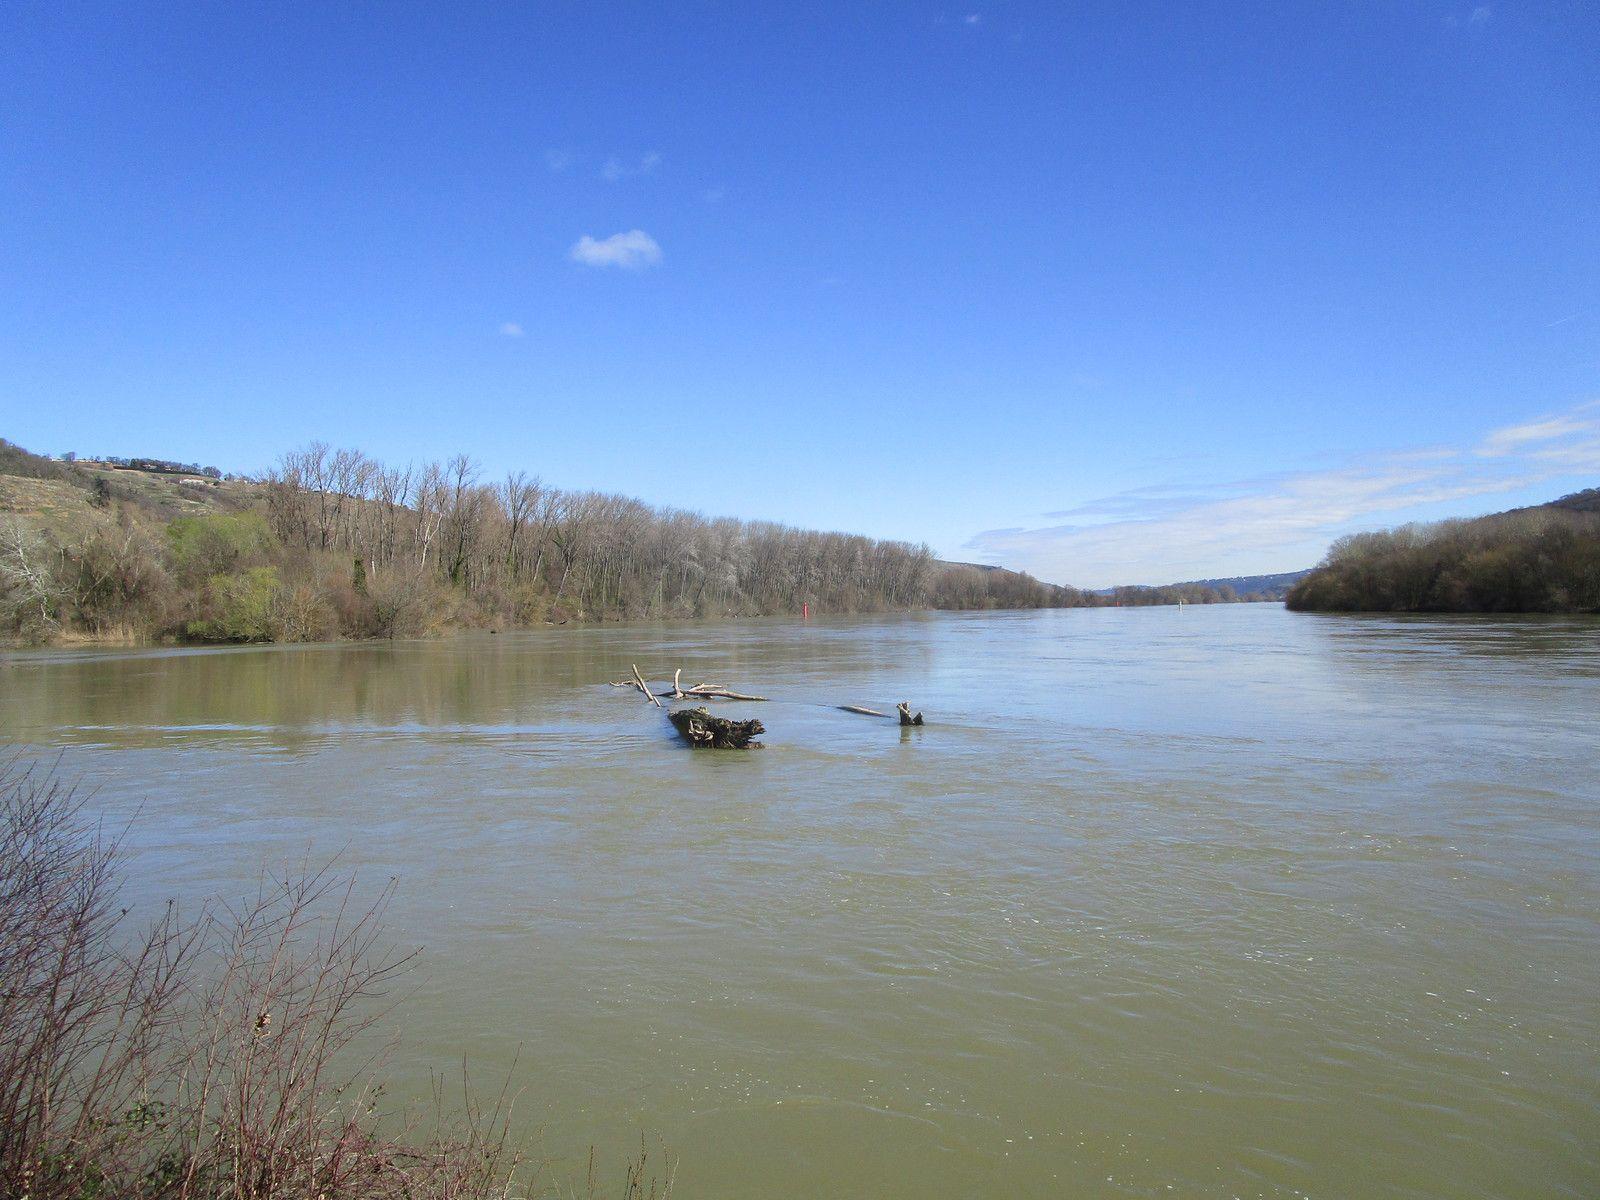 Loire sur Rhône -  Découverte -  Mercredi 11 mars 2020